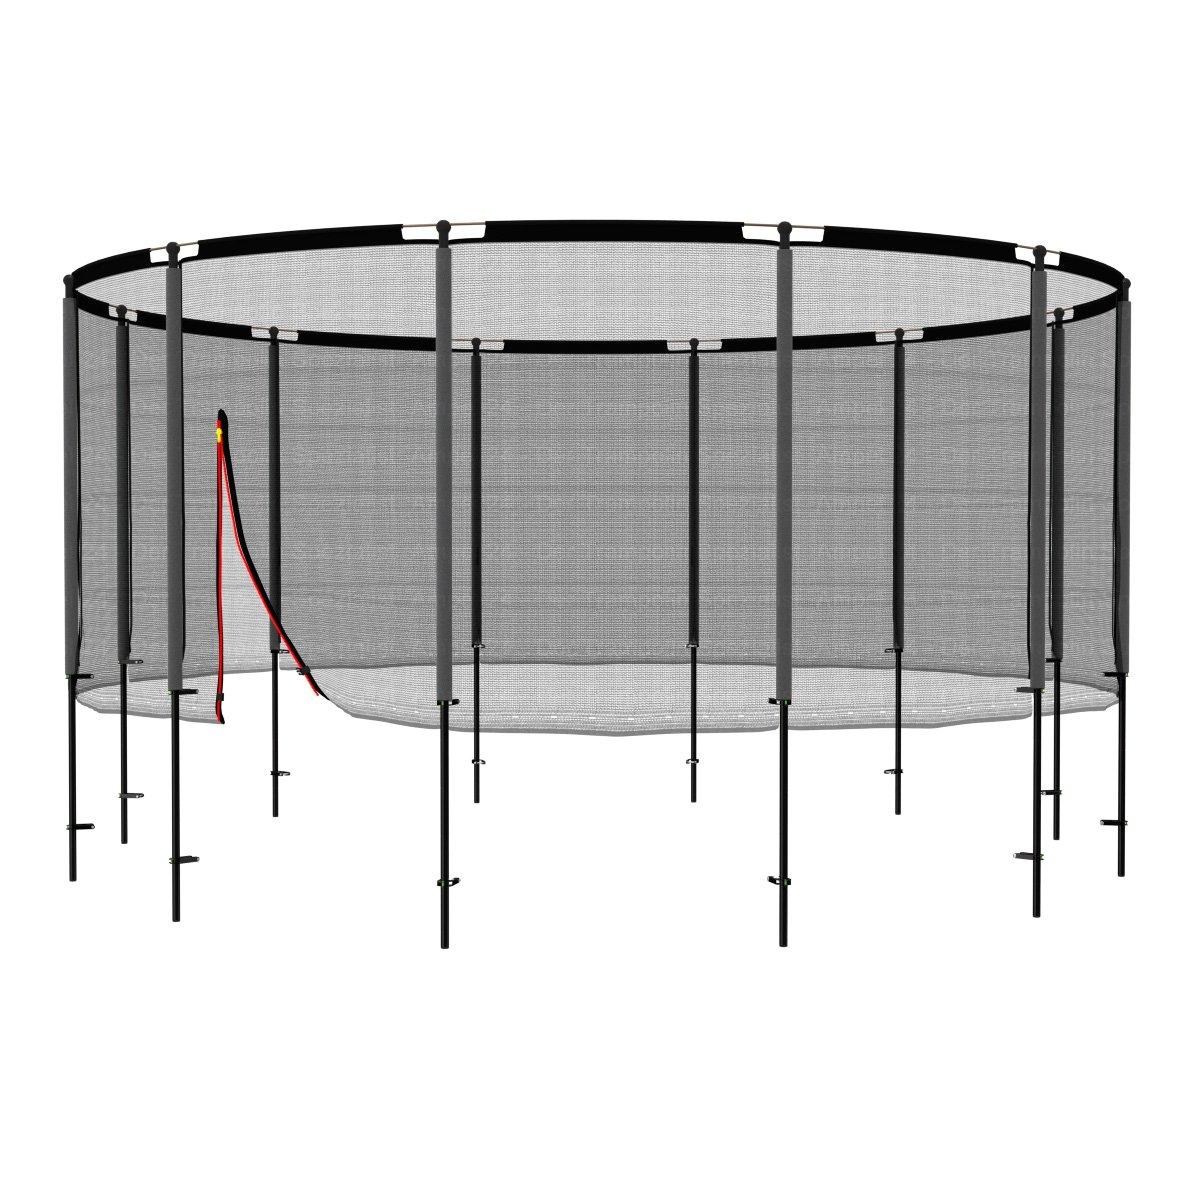 Ampel 24 Trampolin Sicherheitsnetz Ø 490 cm, Netz mit 12 Stangen & Schutzring komplett, Ersatznetz außenliegend, Ersatzteil reißfest, UV-Besteändig